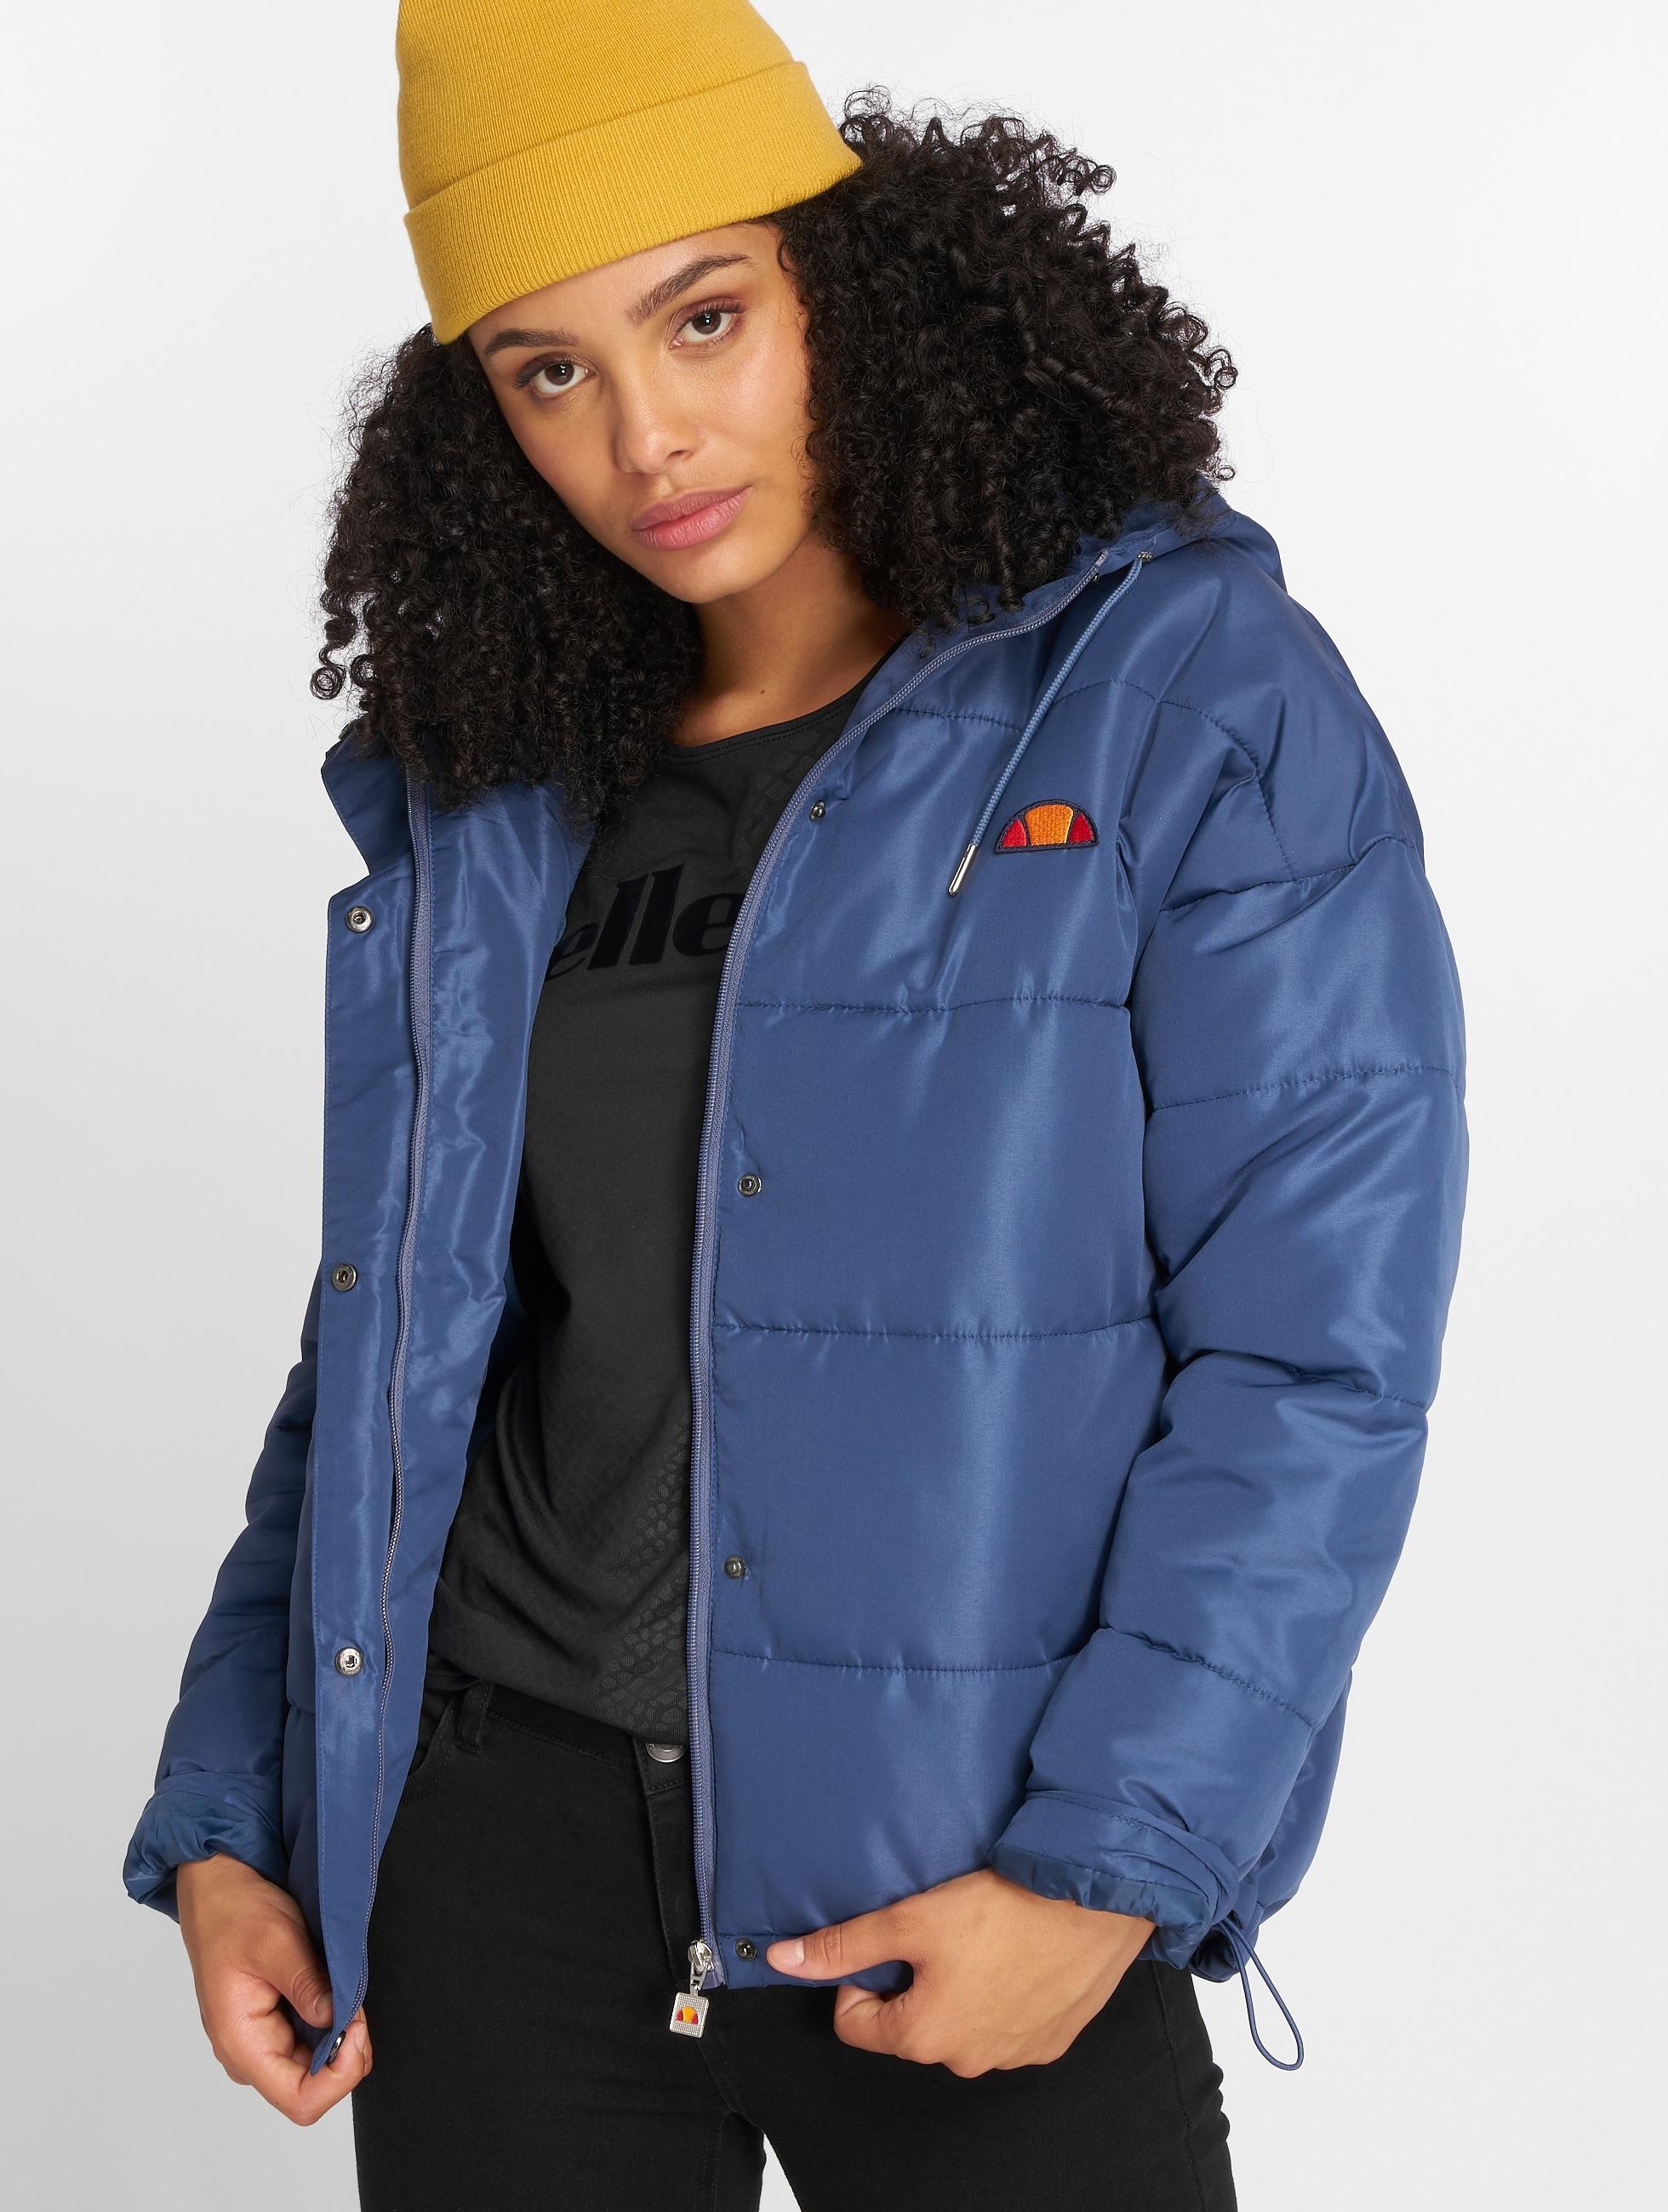 Ellesse Pejo Jacket Blue Indigo A3jL5qR4